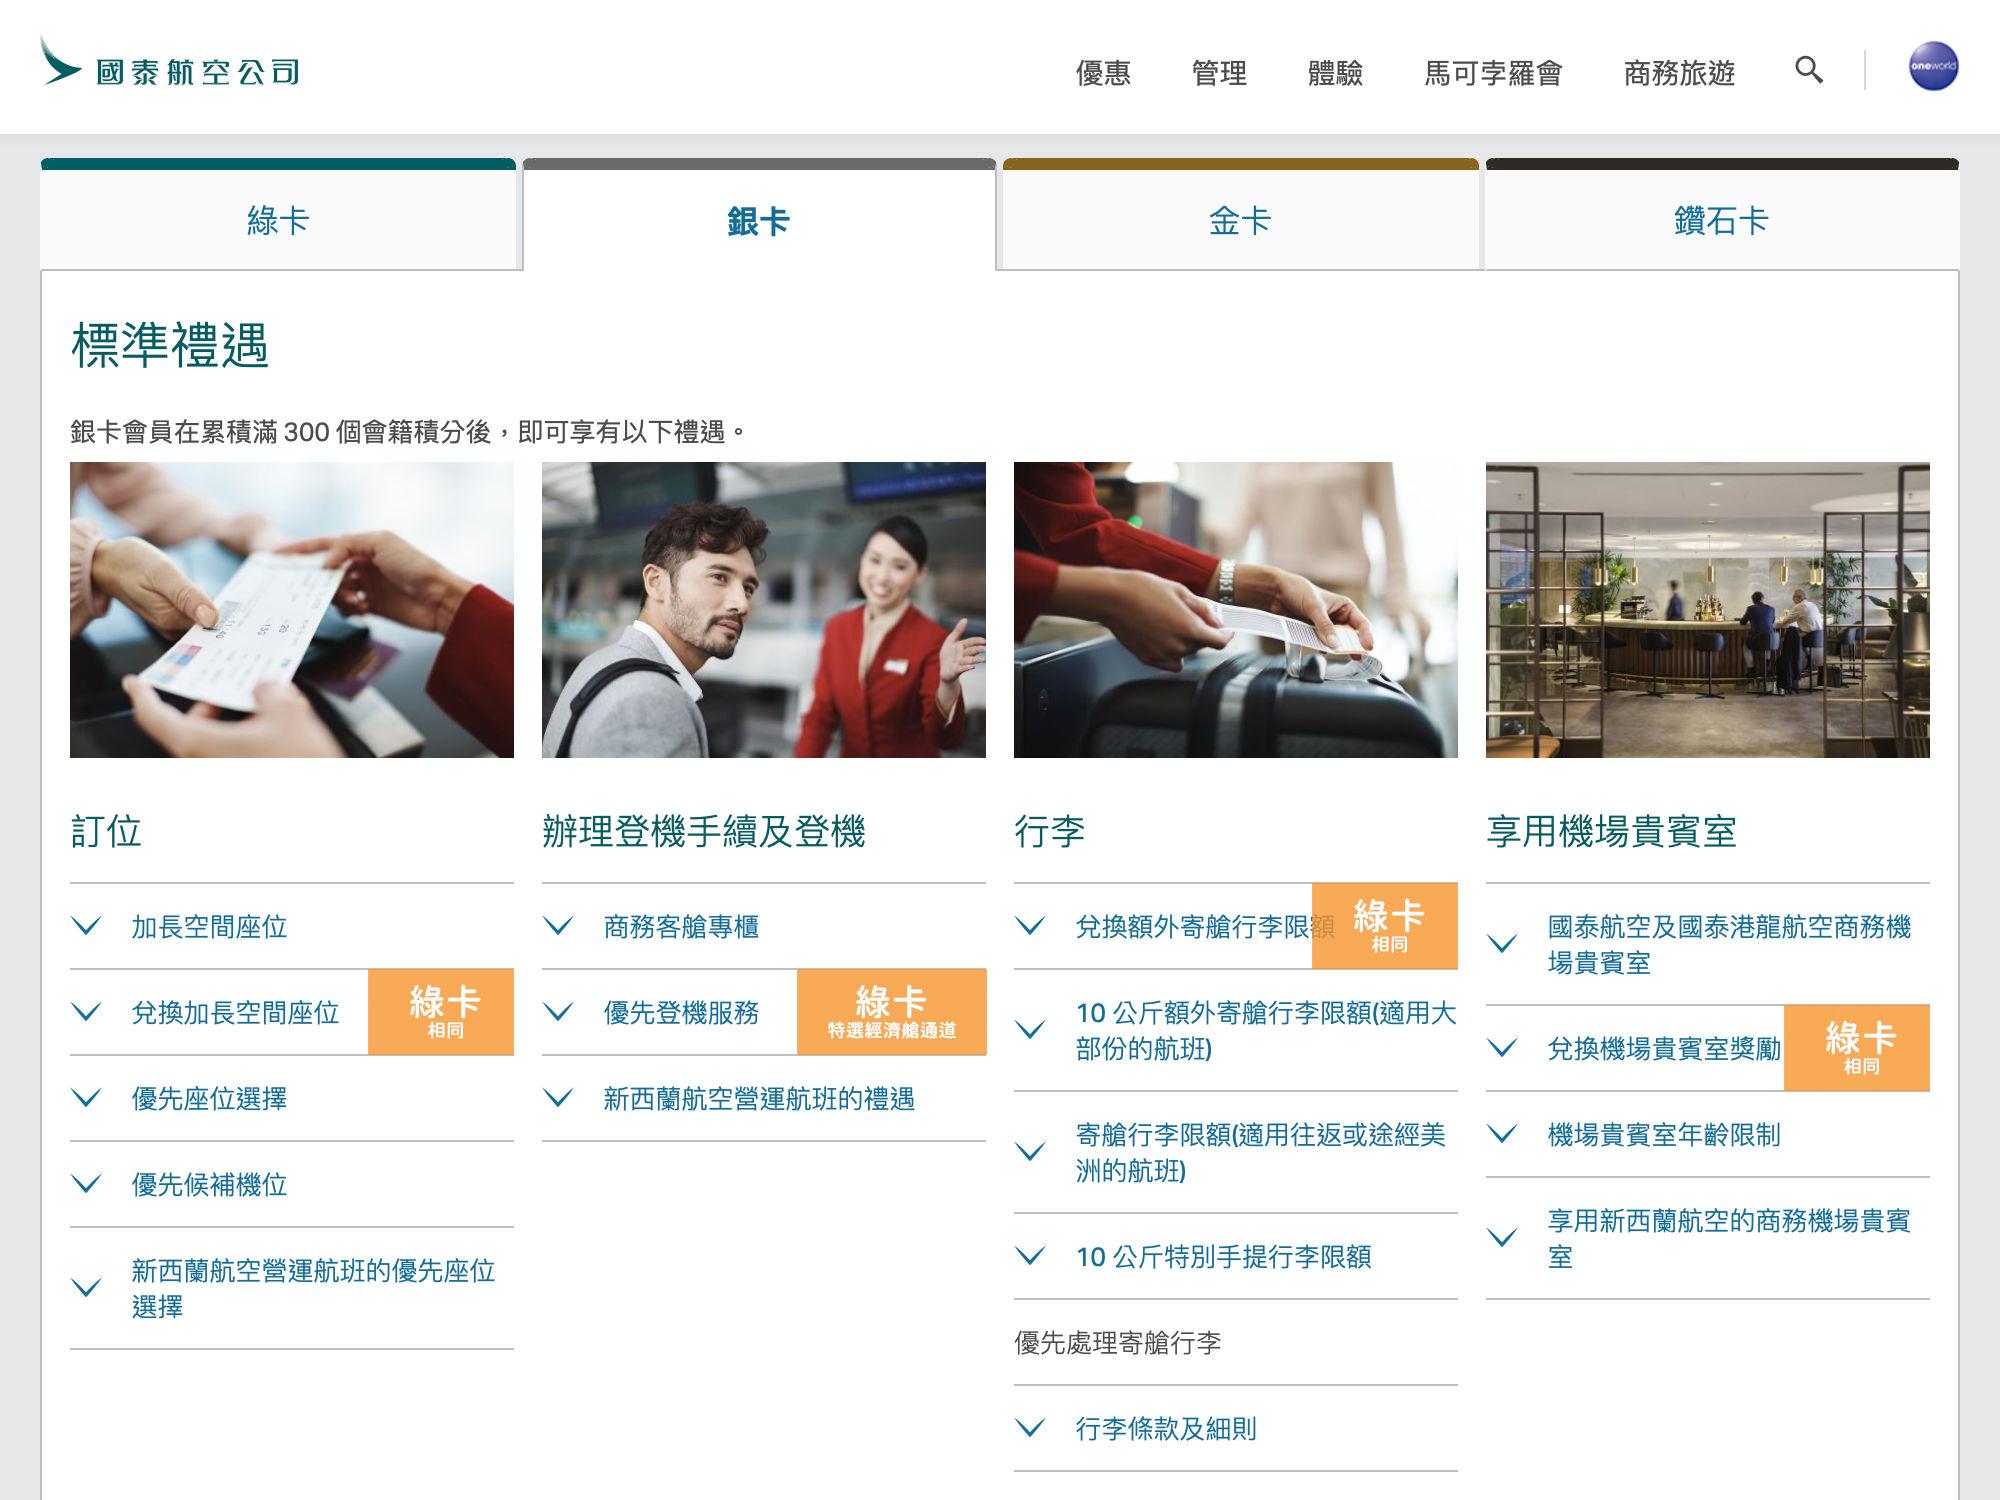 原始圖片來源:國泰航空官方網站